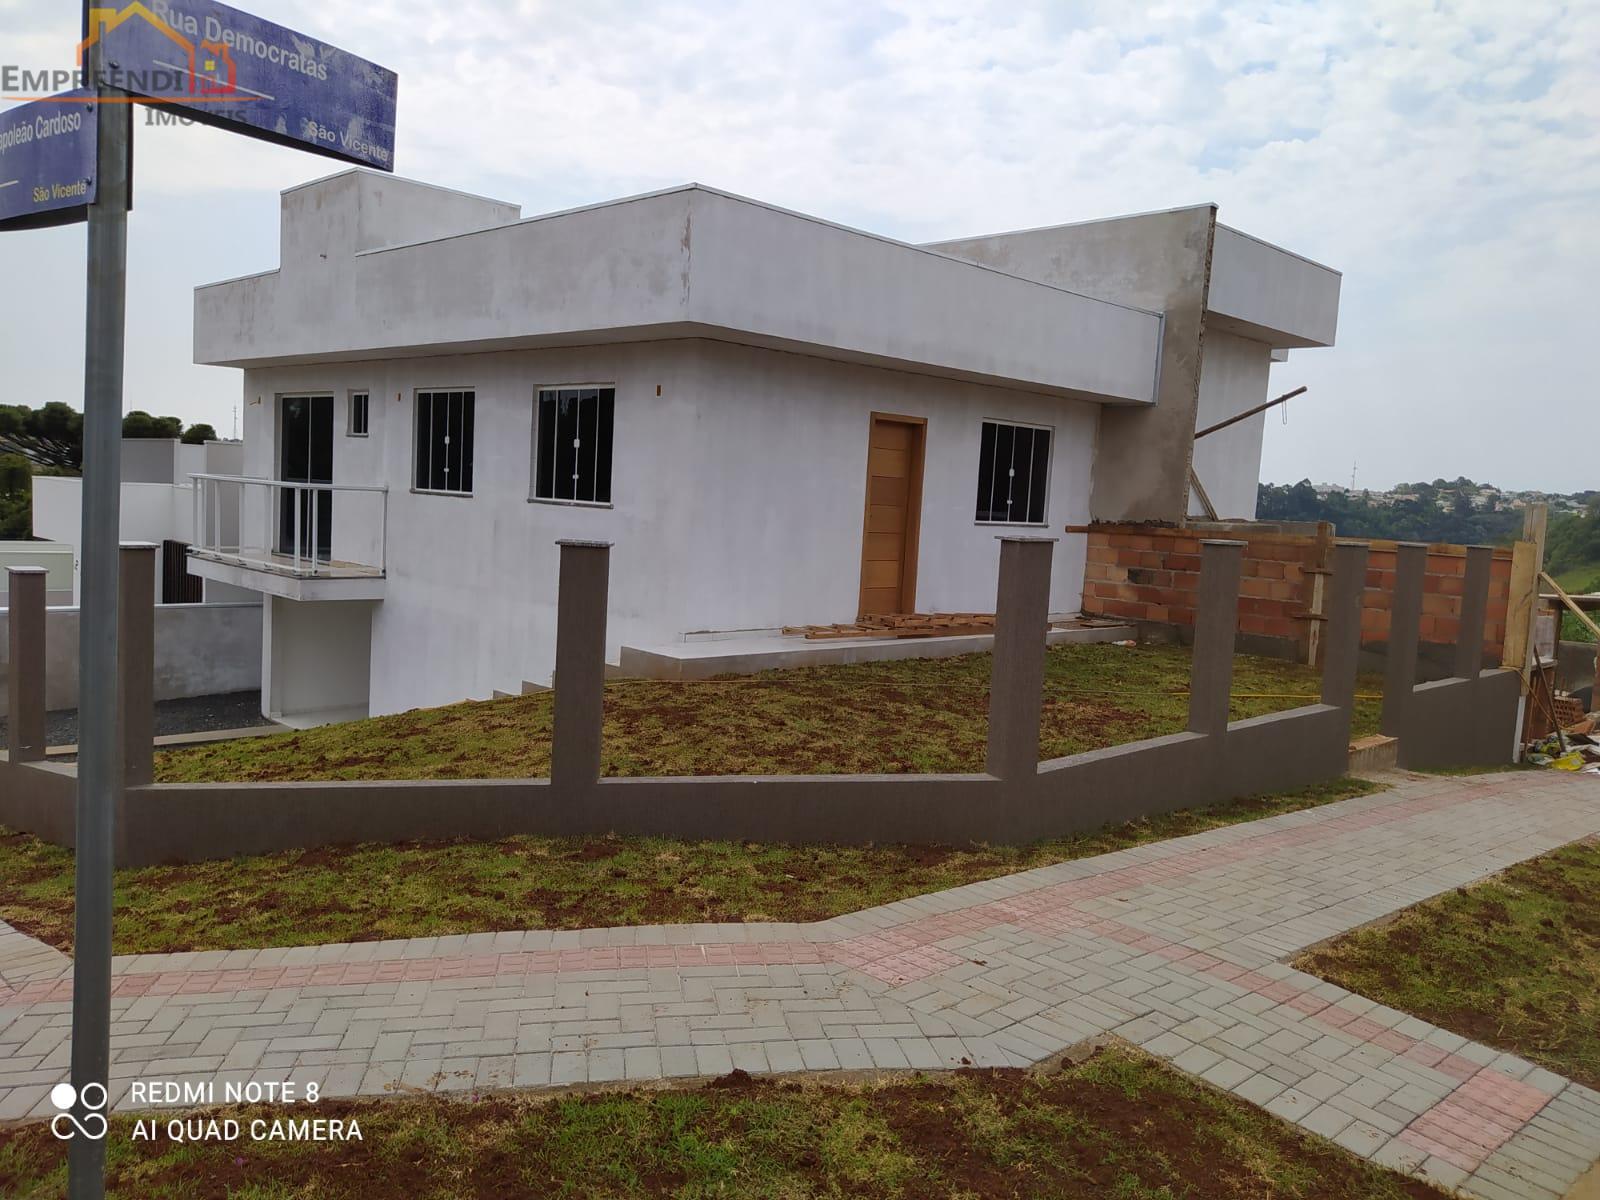 Casa com 3 dormitórios à venda, CRISTO REI, PATO BRANCO - PR